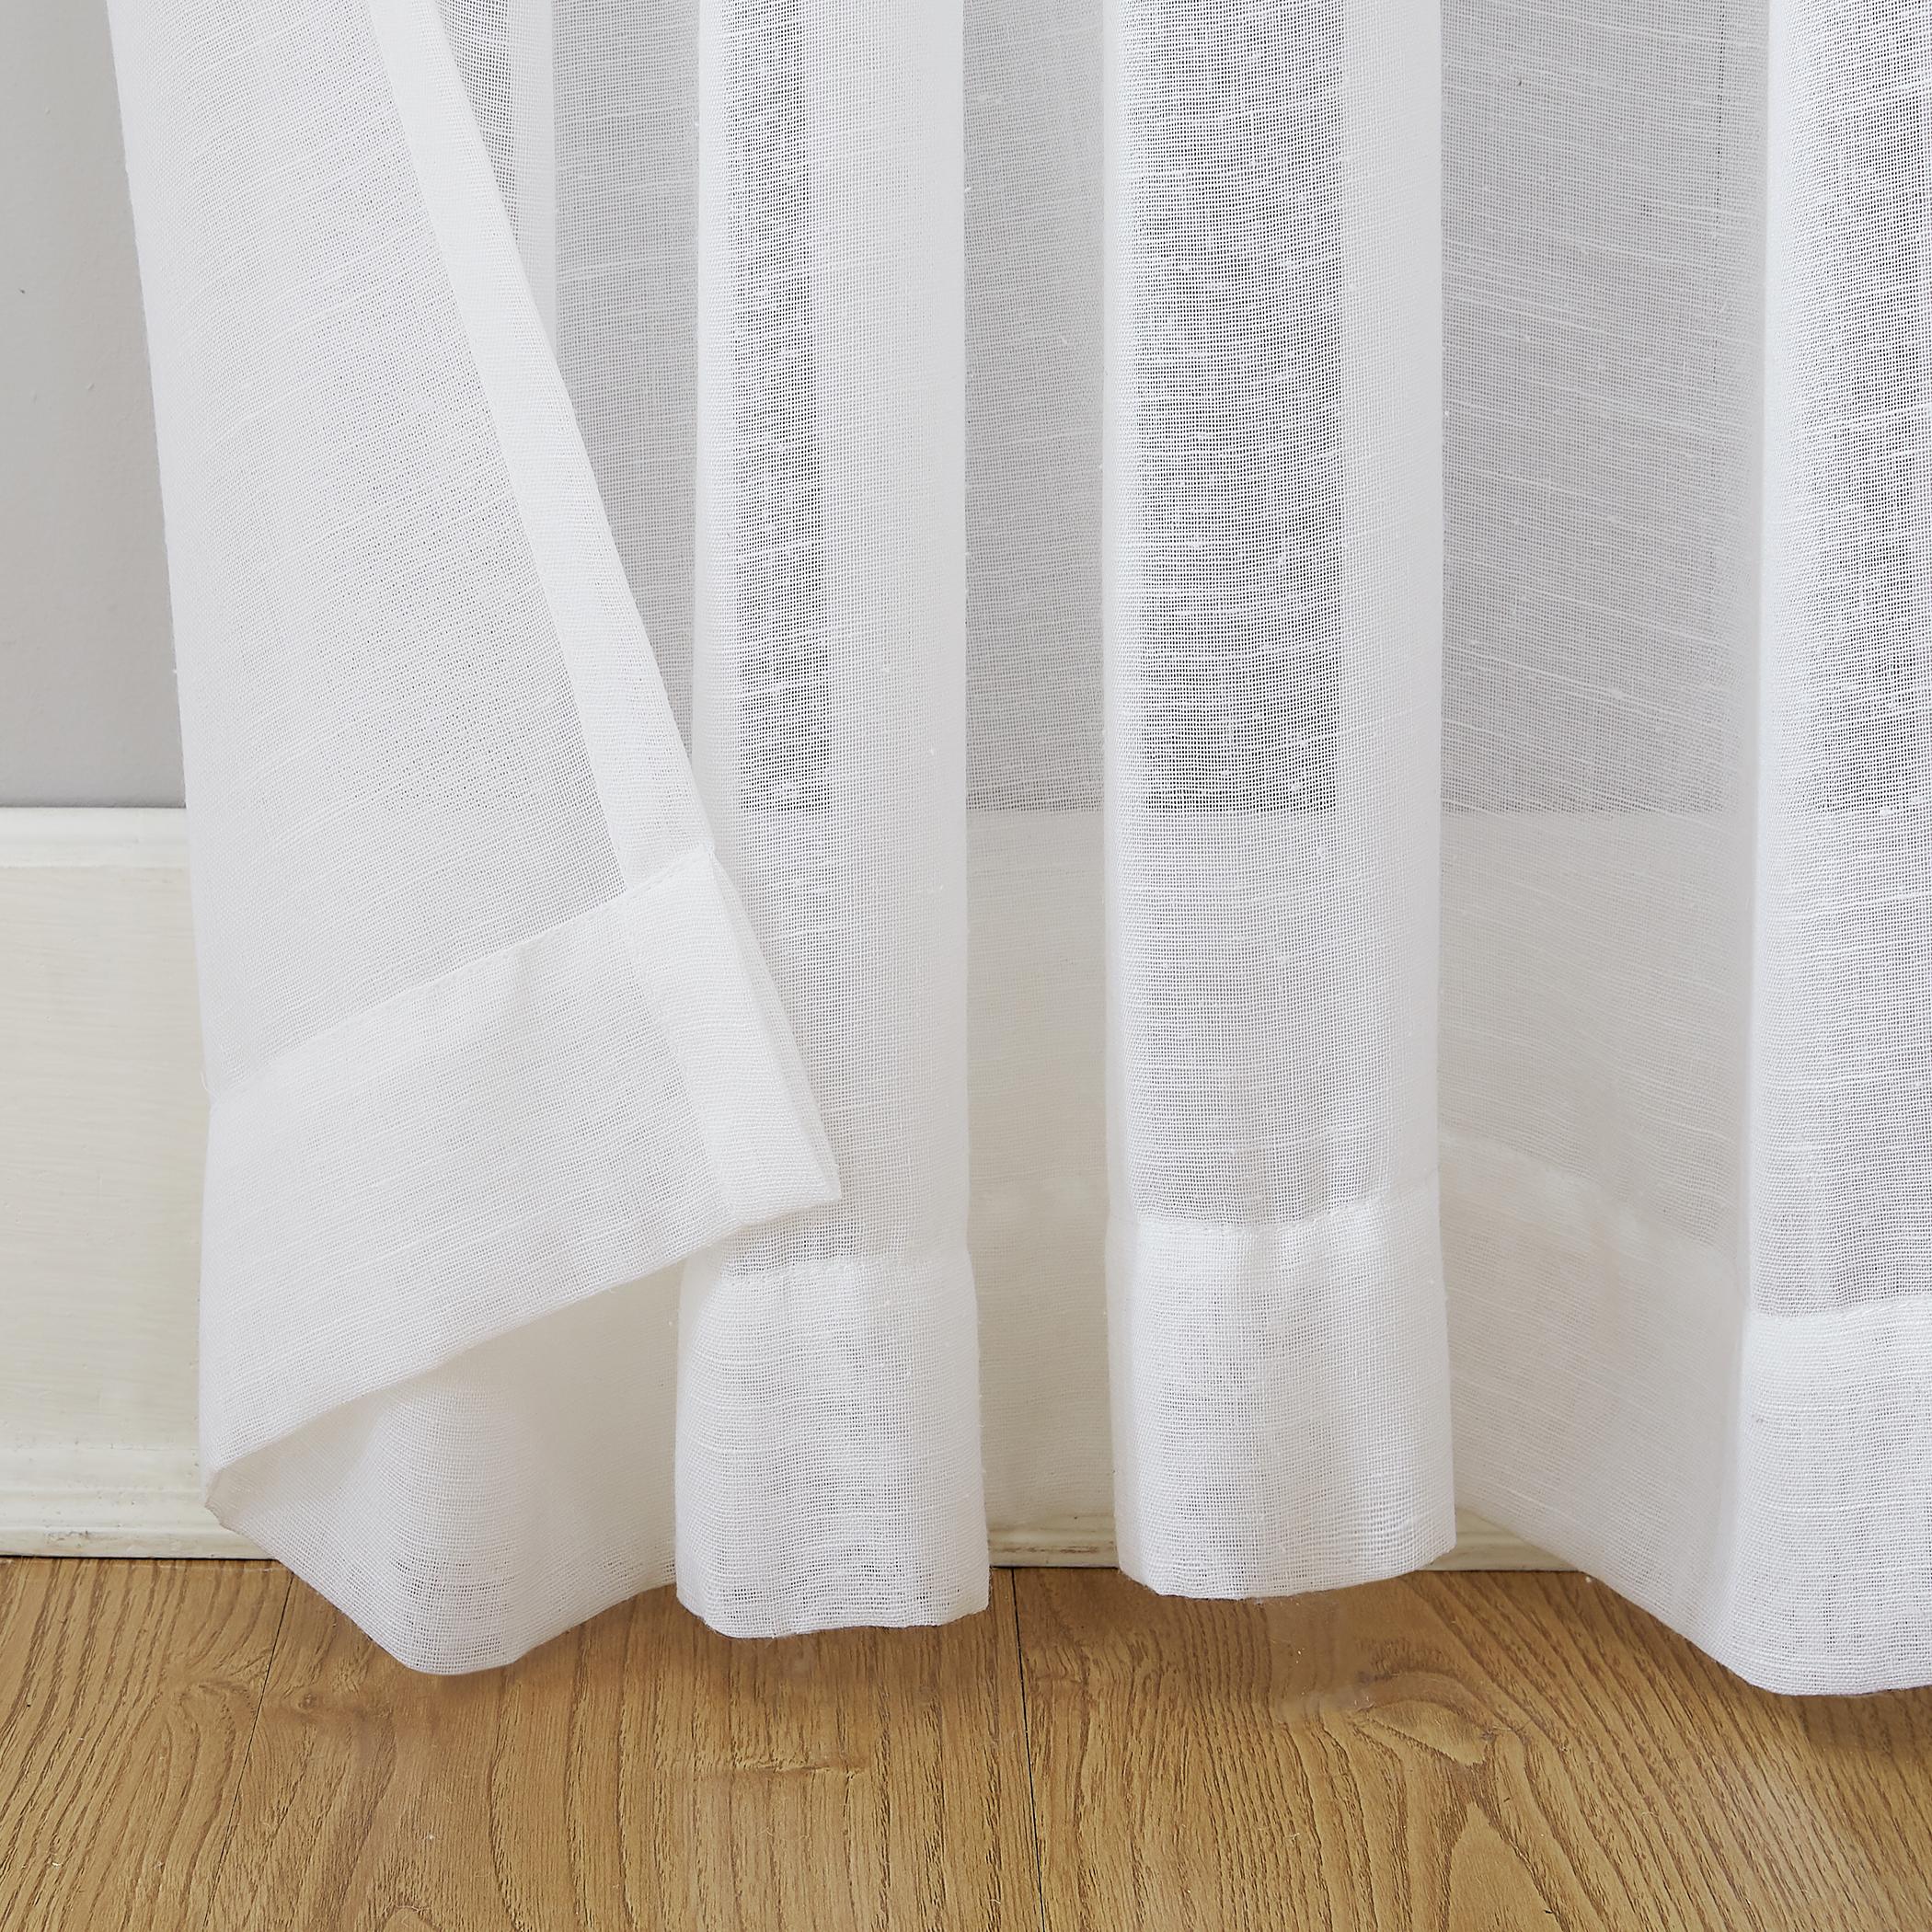 Archaeo Slub Textured Linen Blend Grommet Top Curtain With Regard To Archaeo Slub Textured Linen Blend Grommet Top Curtains (View 5 of 20)